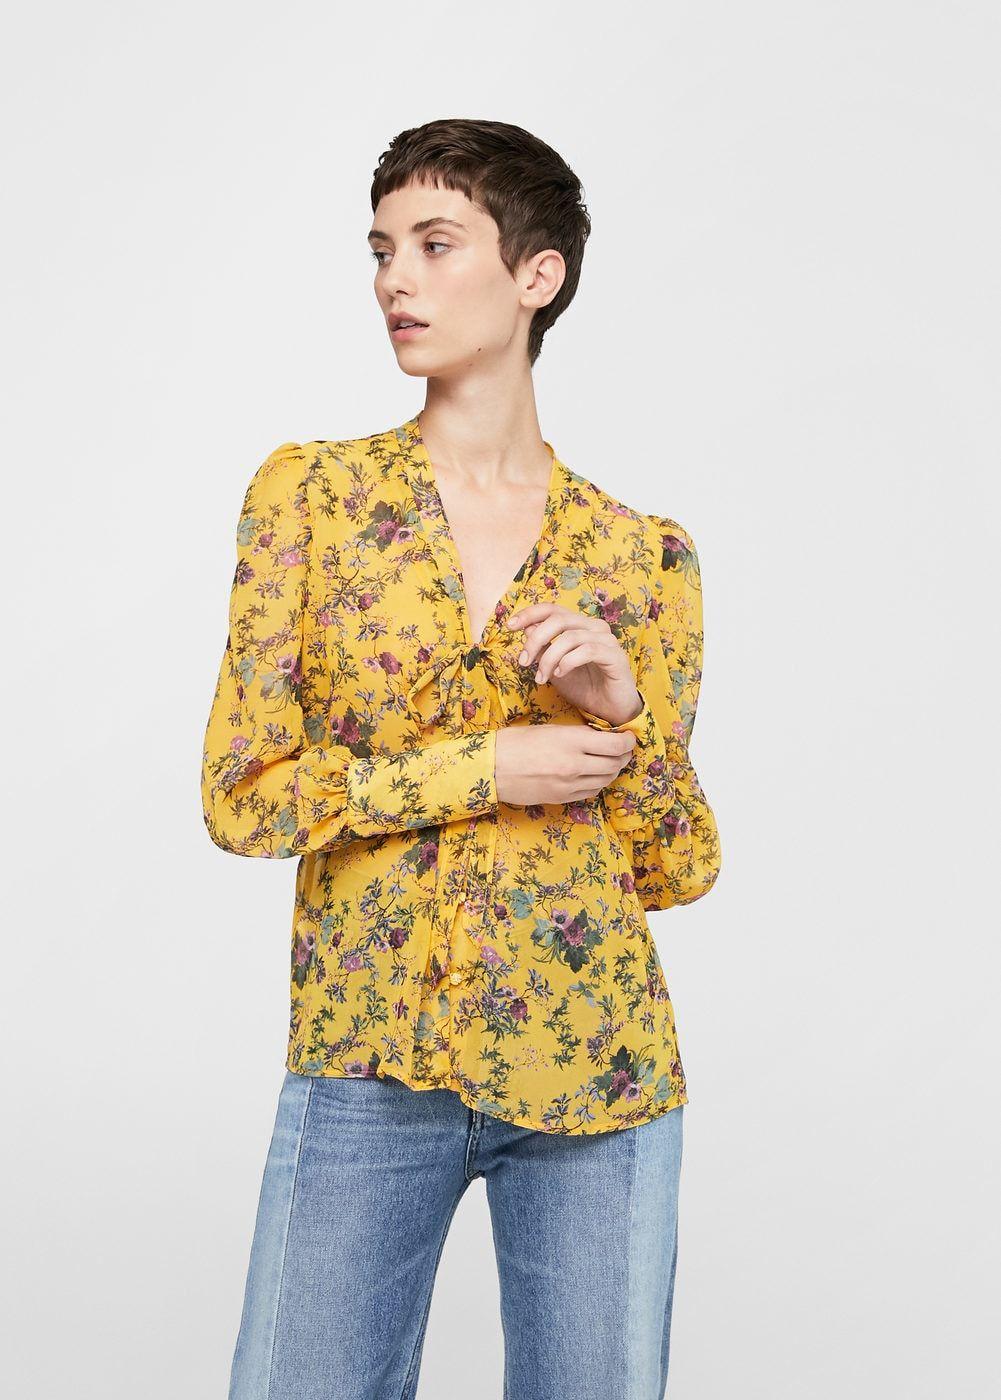 Bluse mit blumenmuster - Damen   Sommer Kleider   Pinterest   Bluse ... 8339f06961